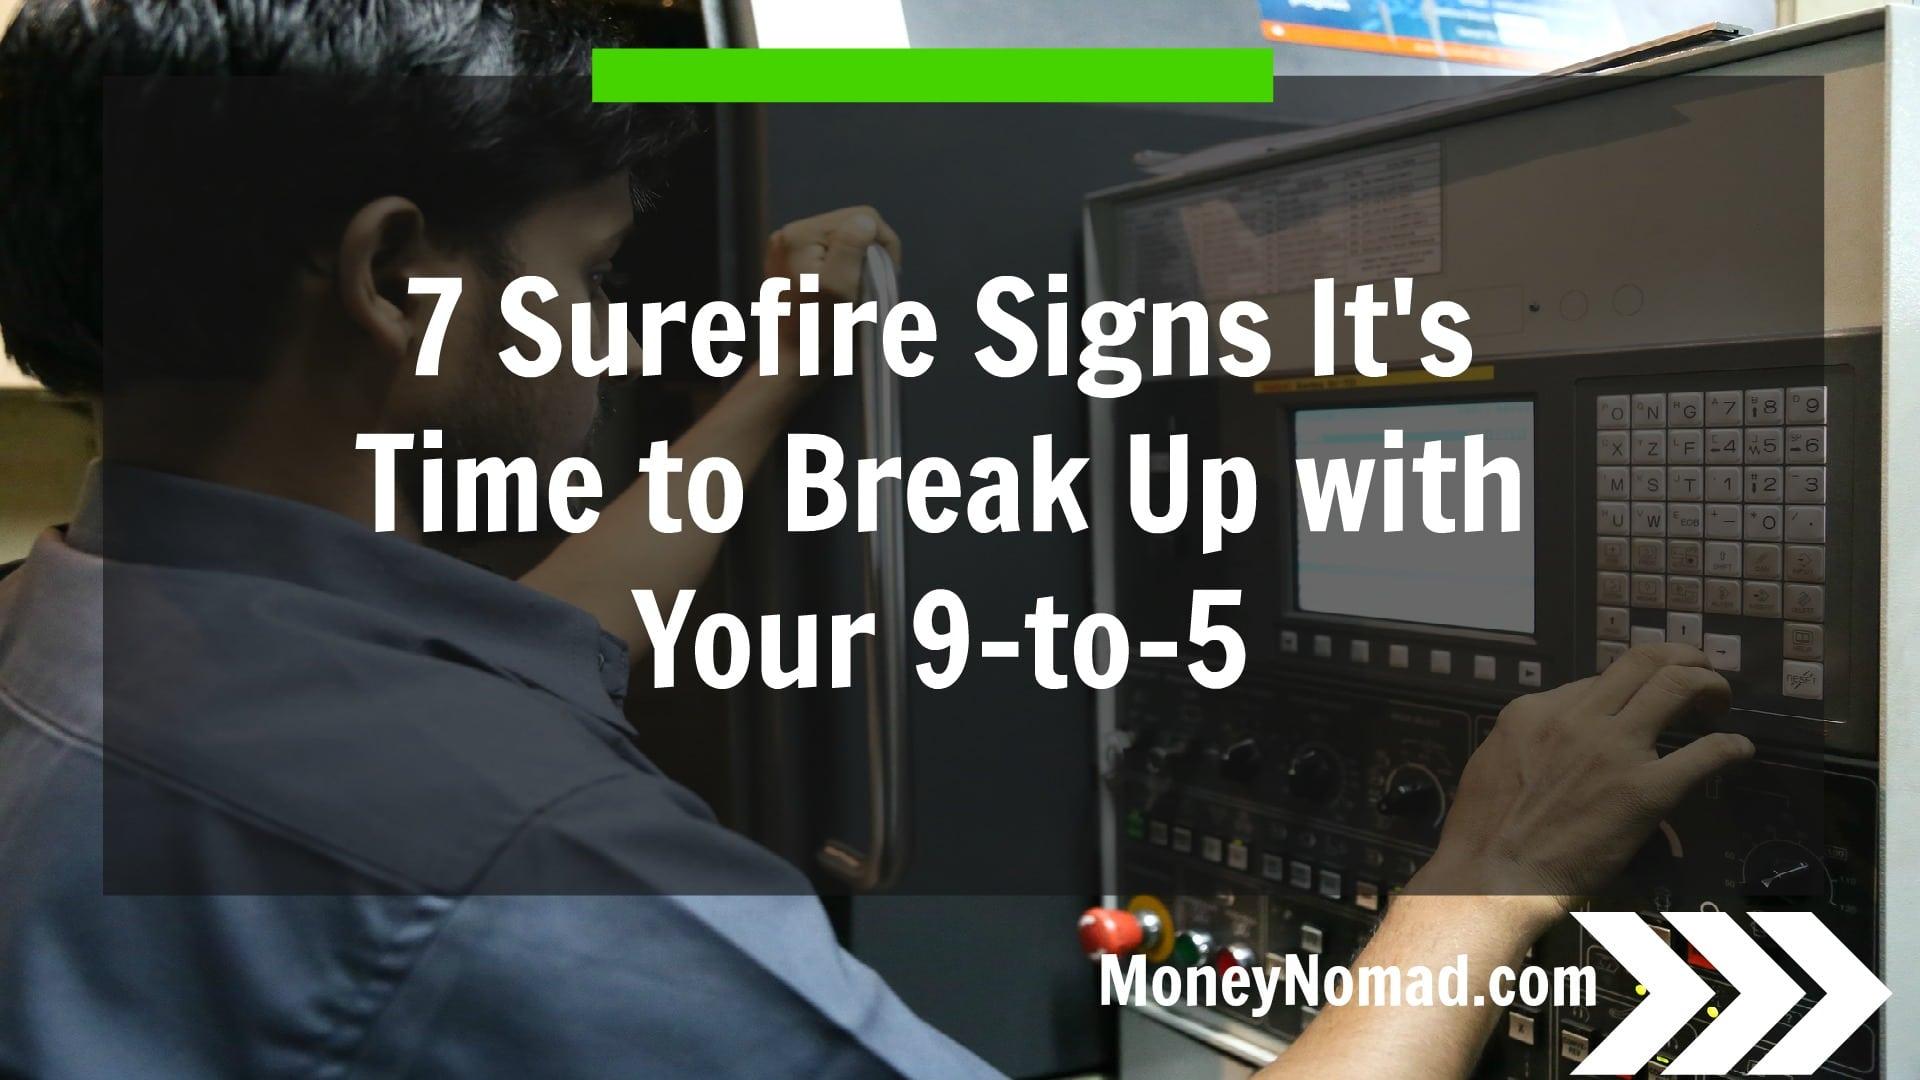 Surefire signs